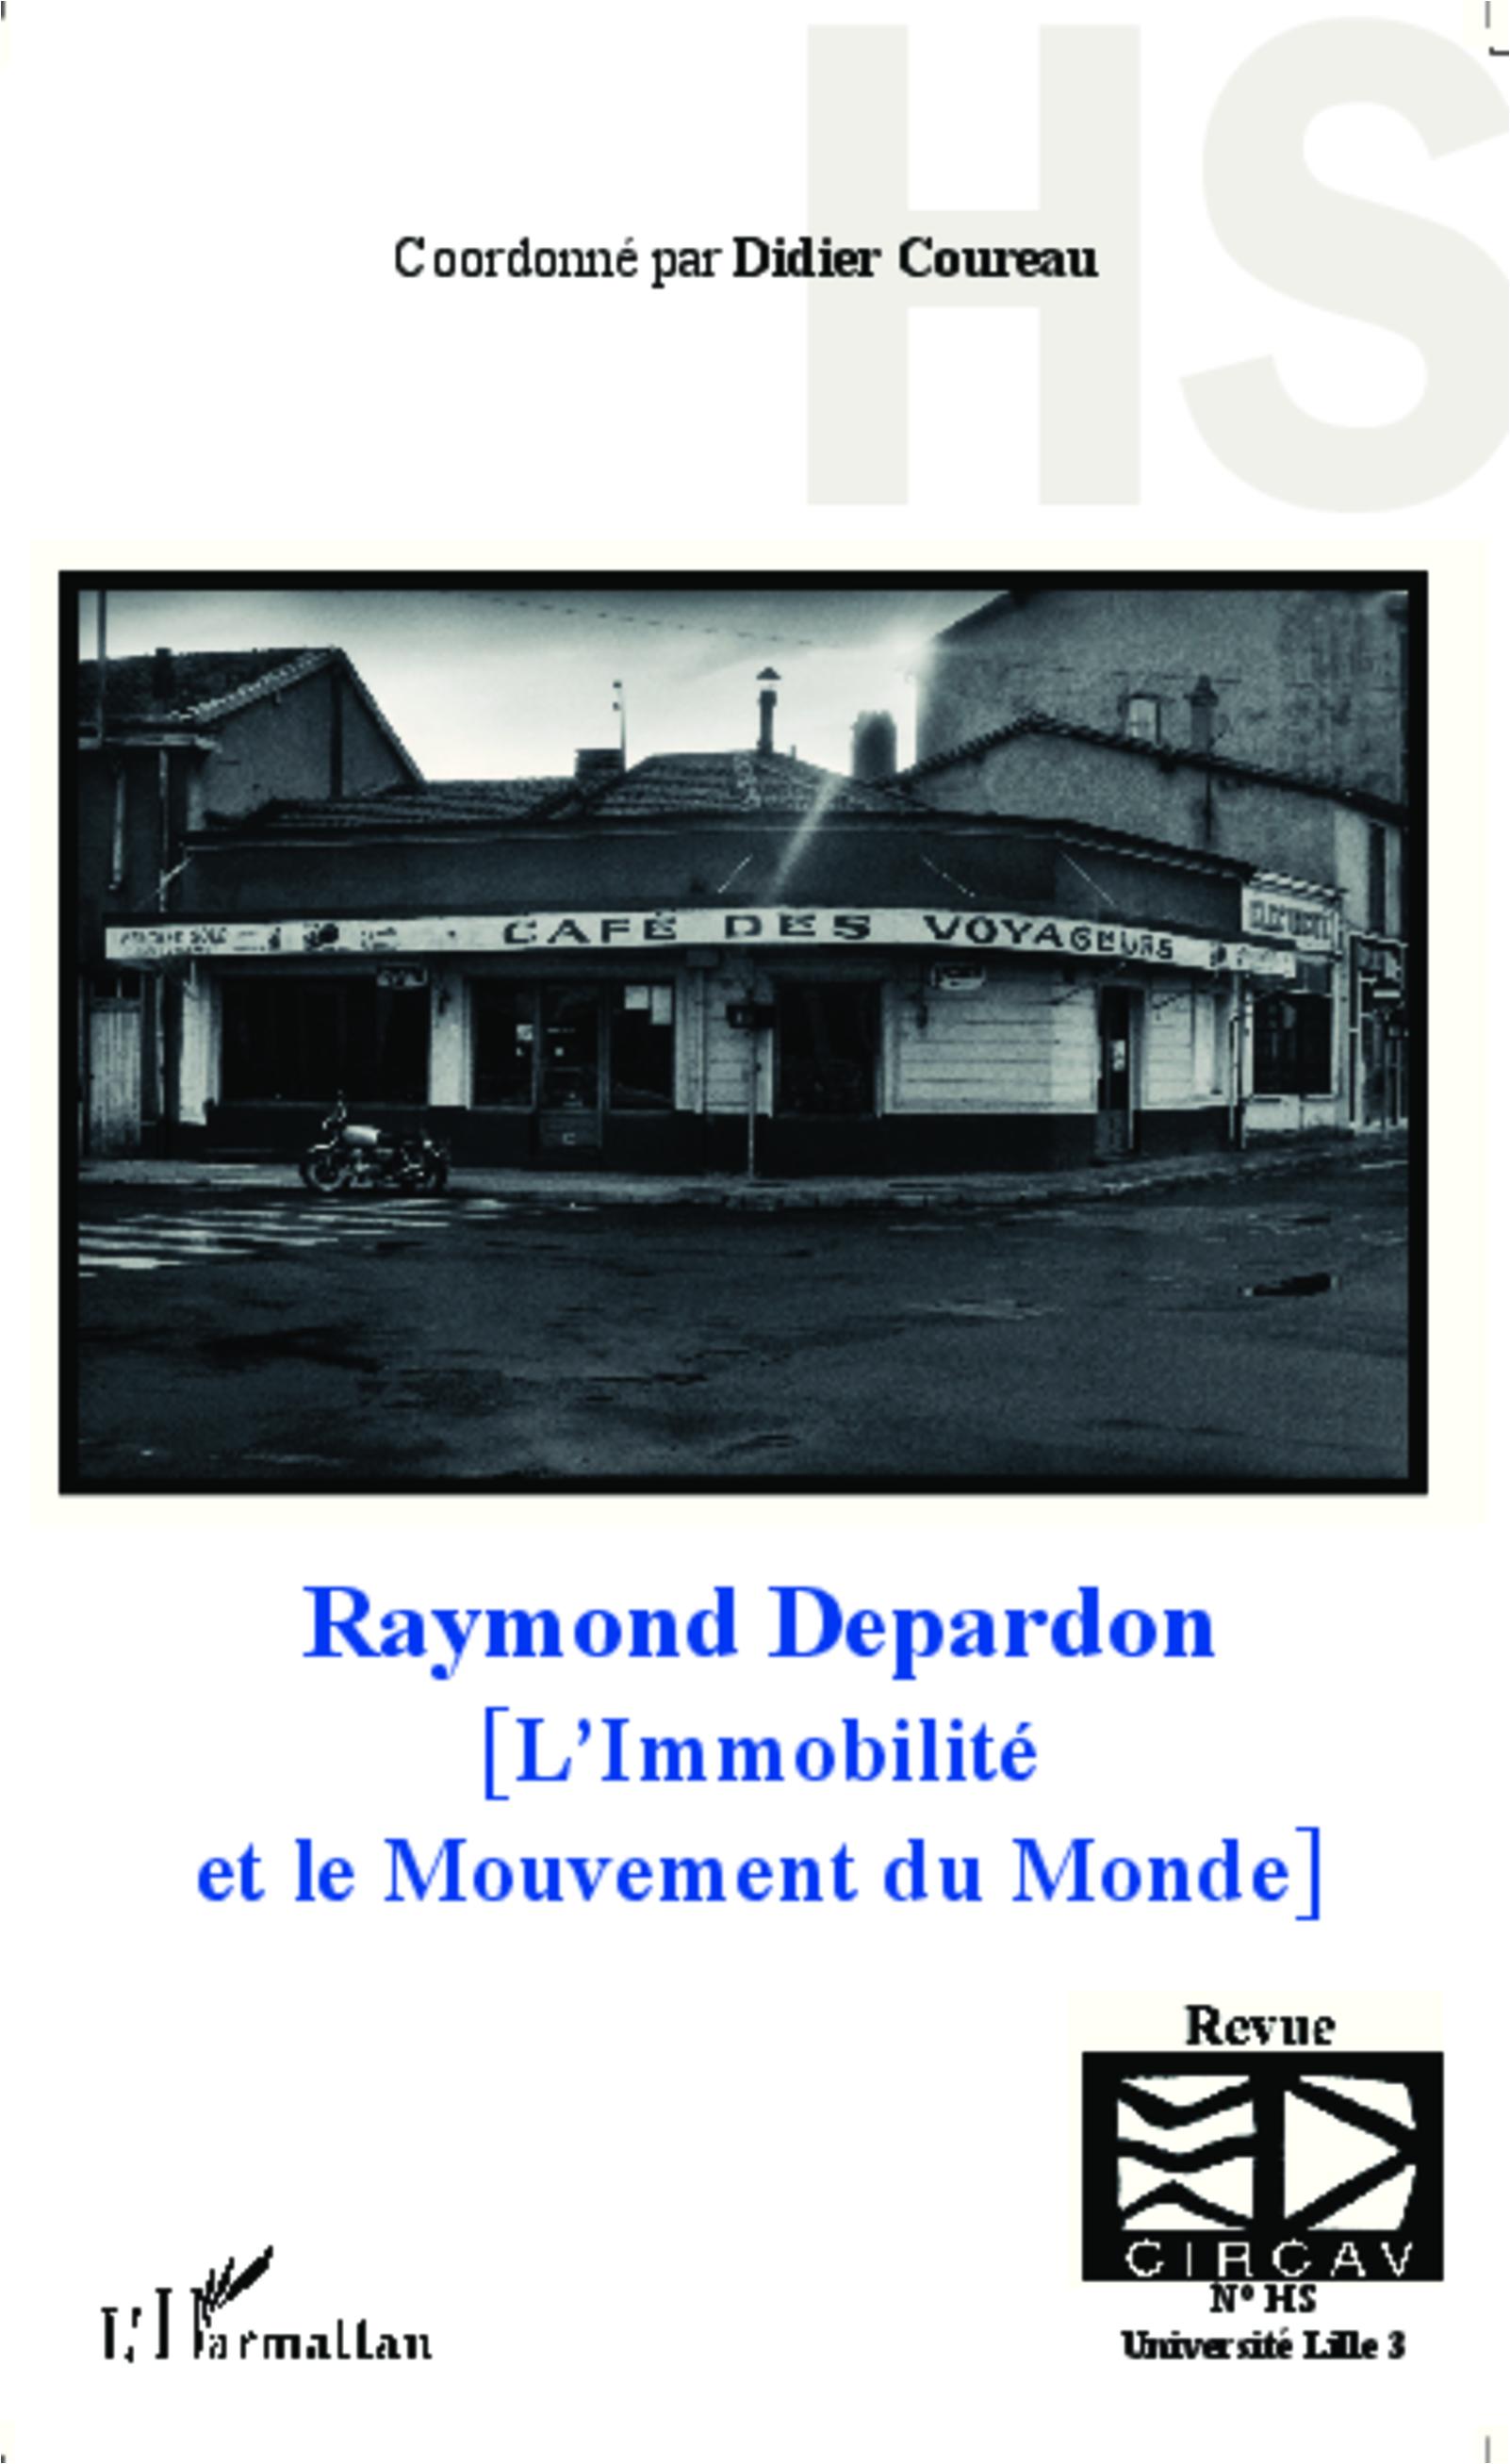 RAYMOND DEPARDON L'IMMOBILITE ET LE MOUVEMENT DU MONDE